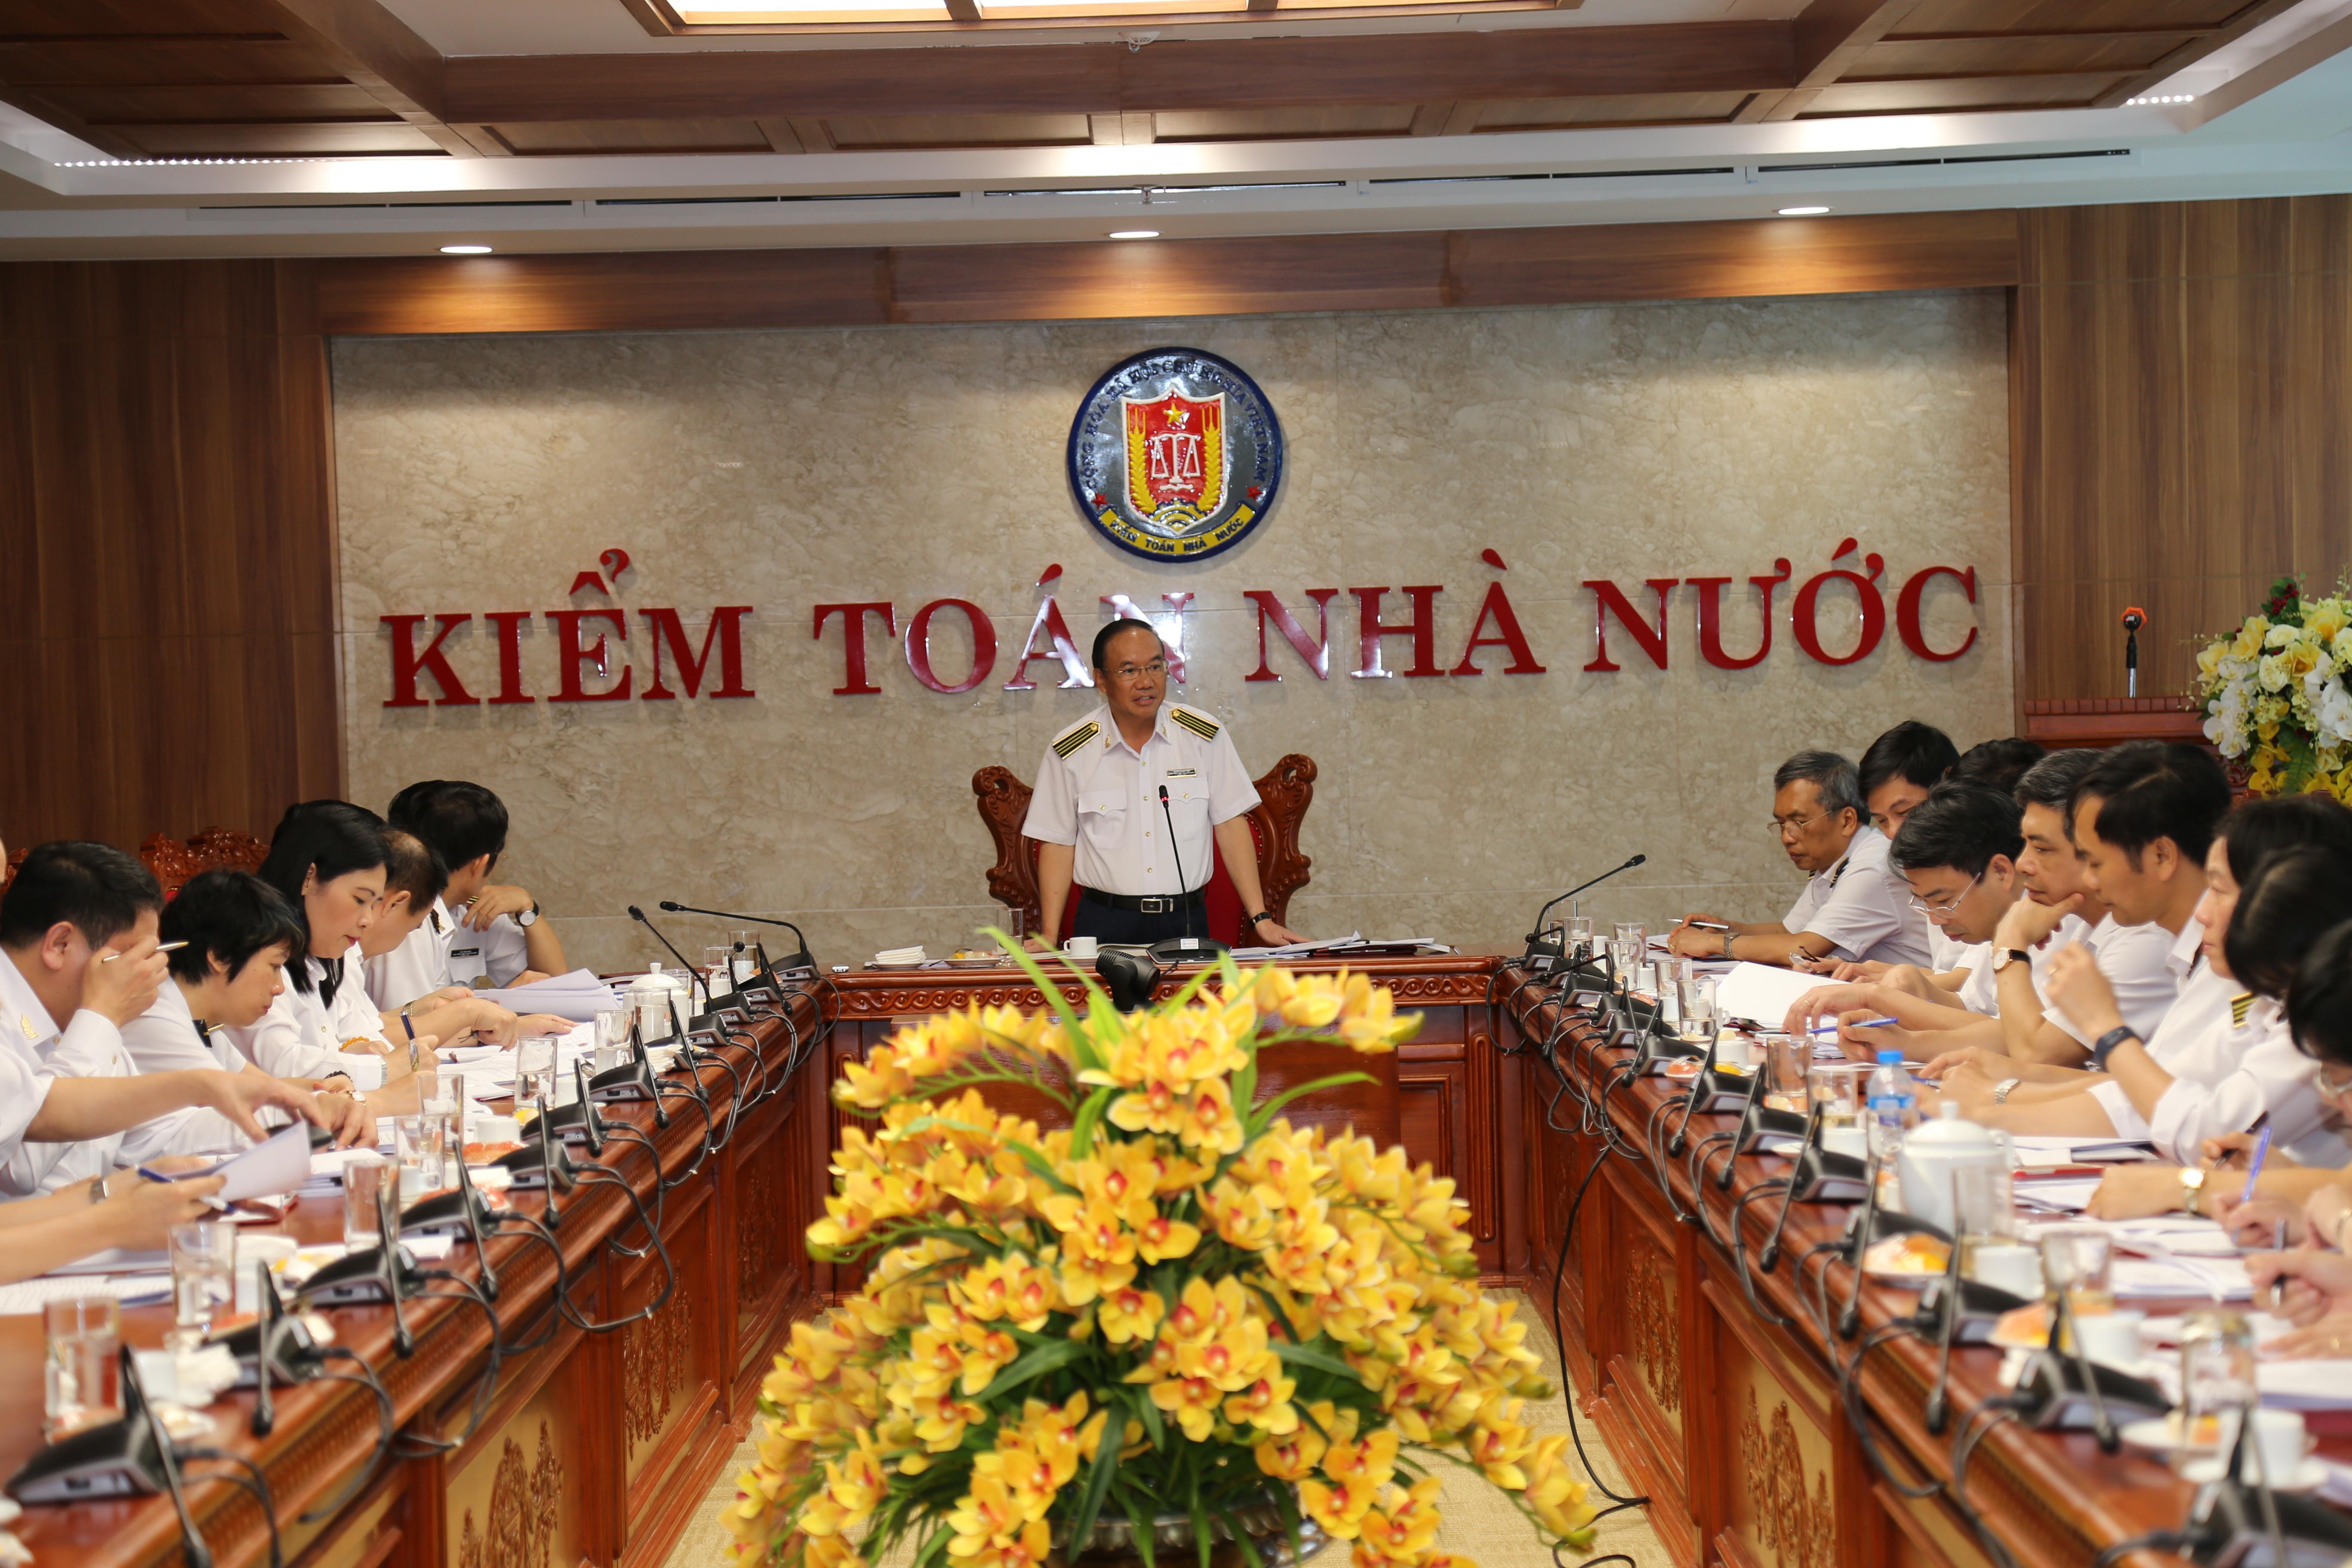 Hội đồng Khoa học nhiệm kỳ VIII: ưu tiên nghiên cứu các đề tài  cấp thiết và mới